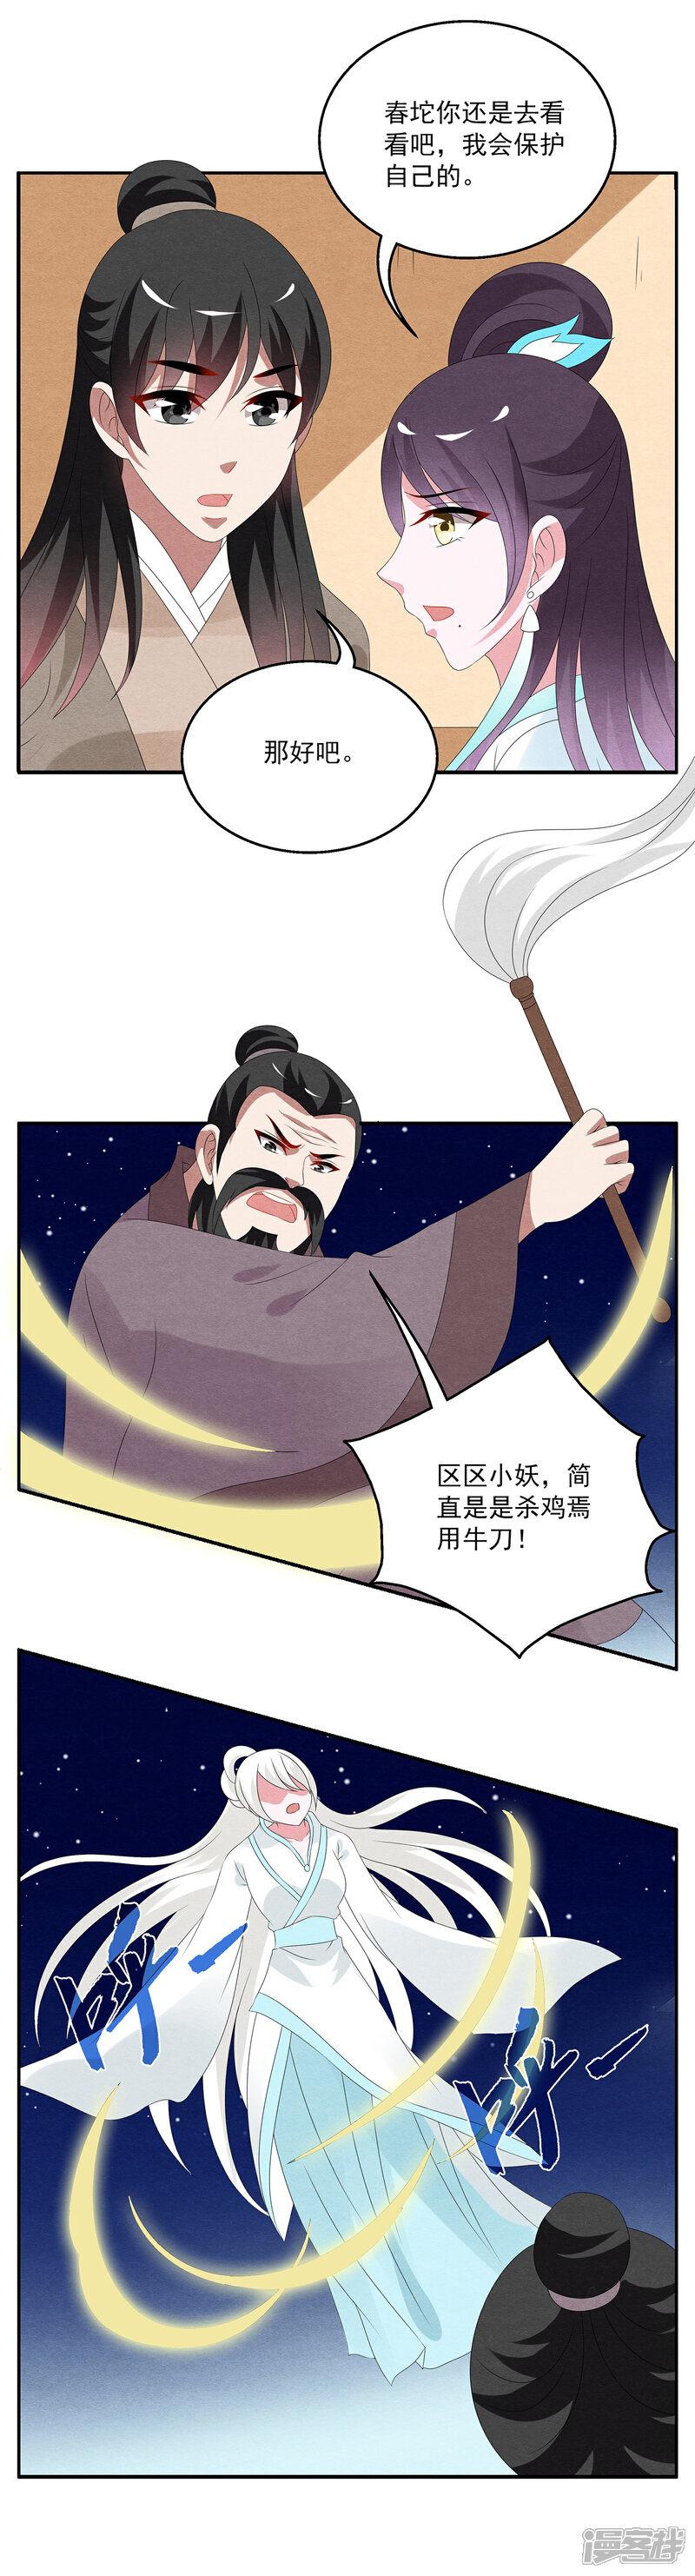 洛小妖101 (1)-2.jpg